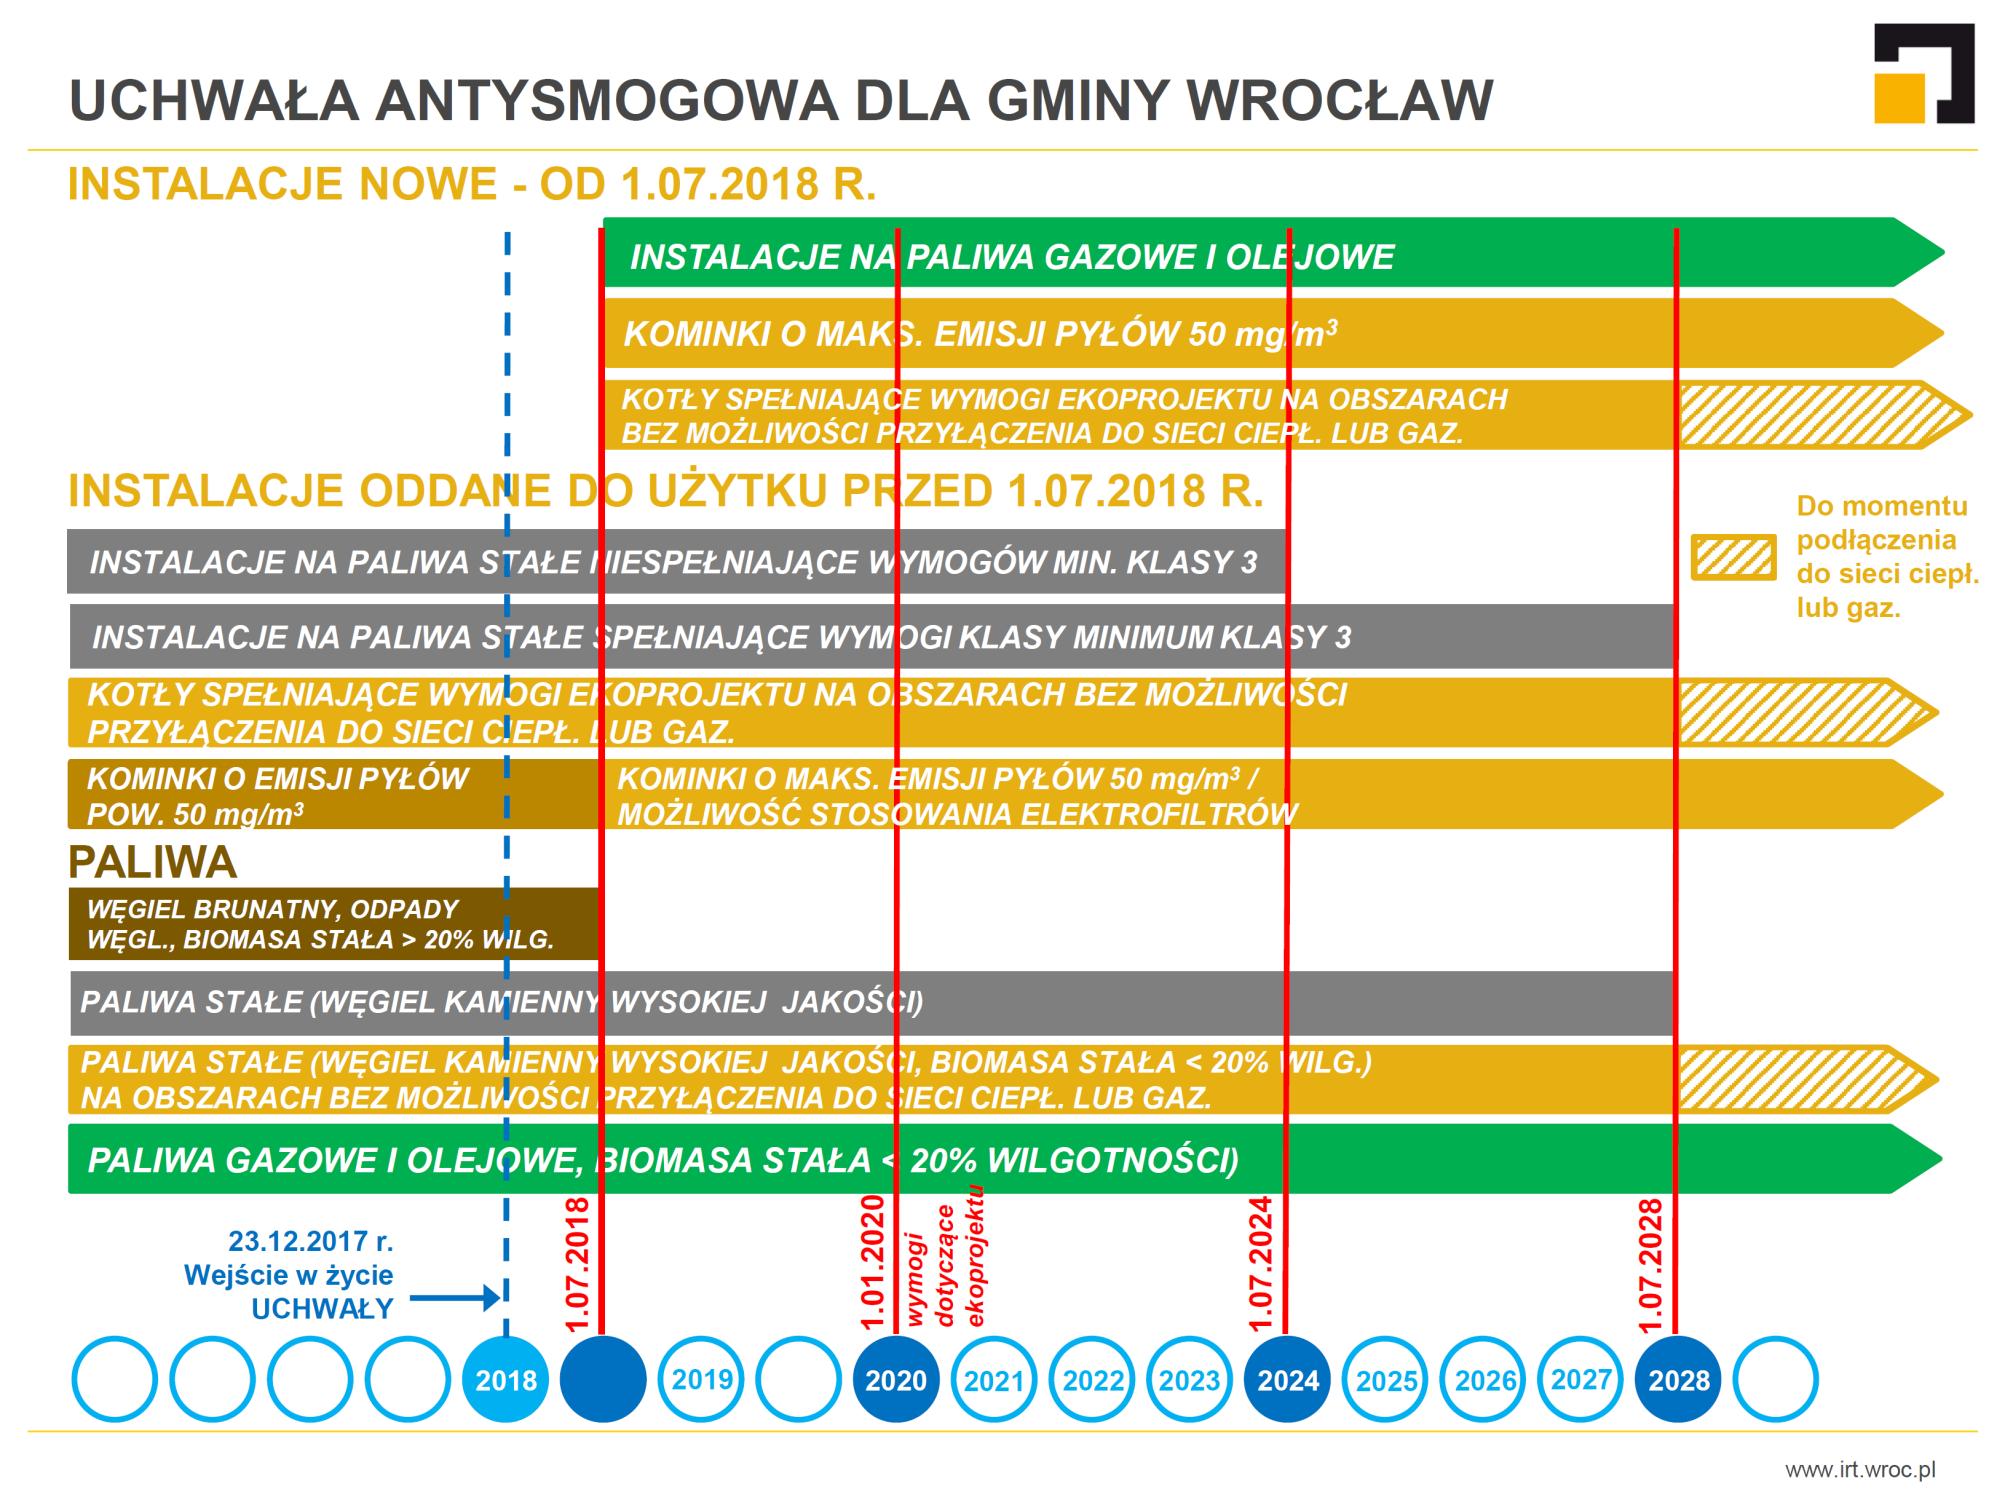 Harmonogram wdrażania przepisów uchwały antysmogowej dla gminy Wrocław; źródło: Instytut Rozwoju Terytorialnego